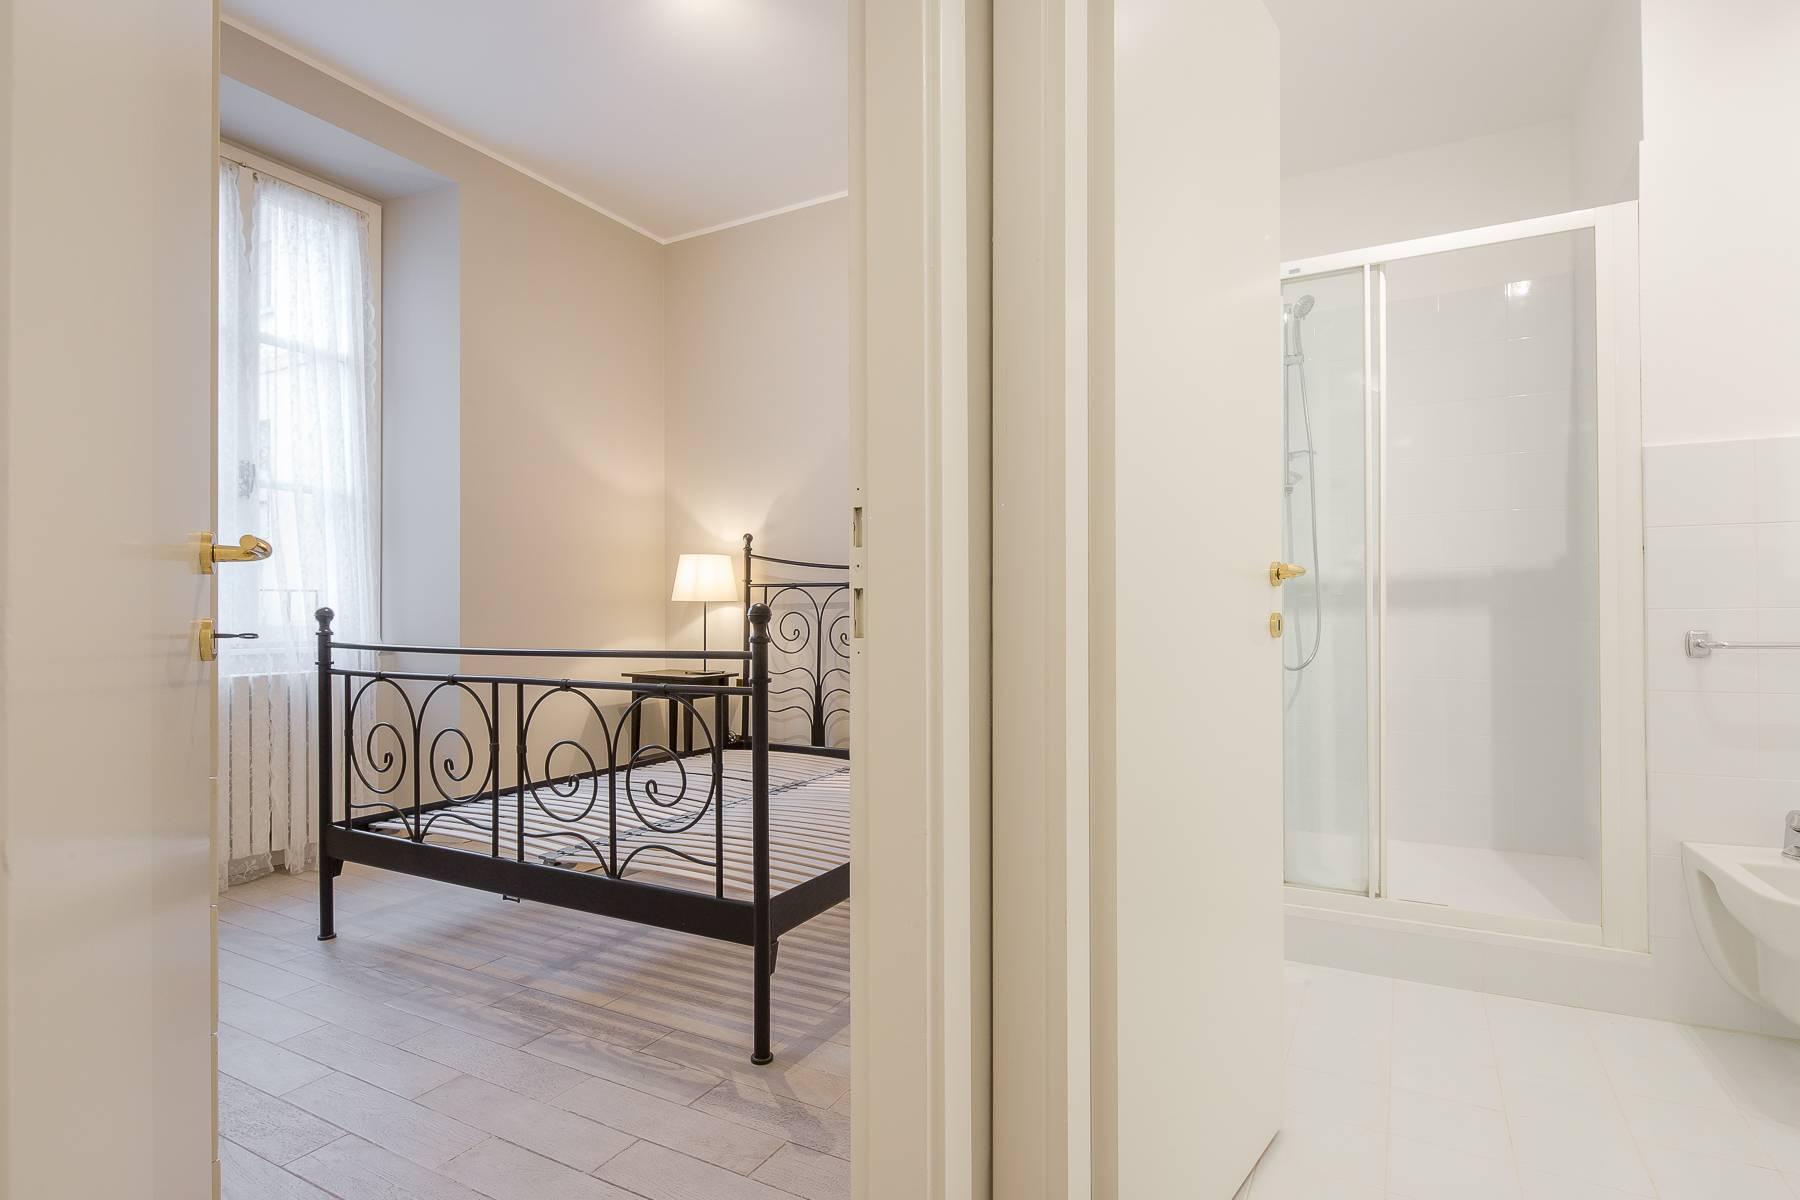 Appartamento in Affitto a Milano: 2 locali, 48 mq - Foto 11